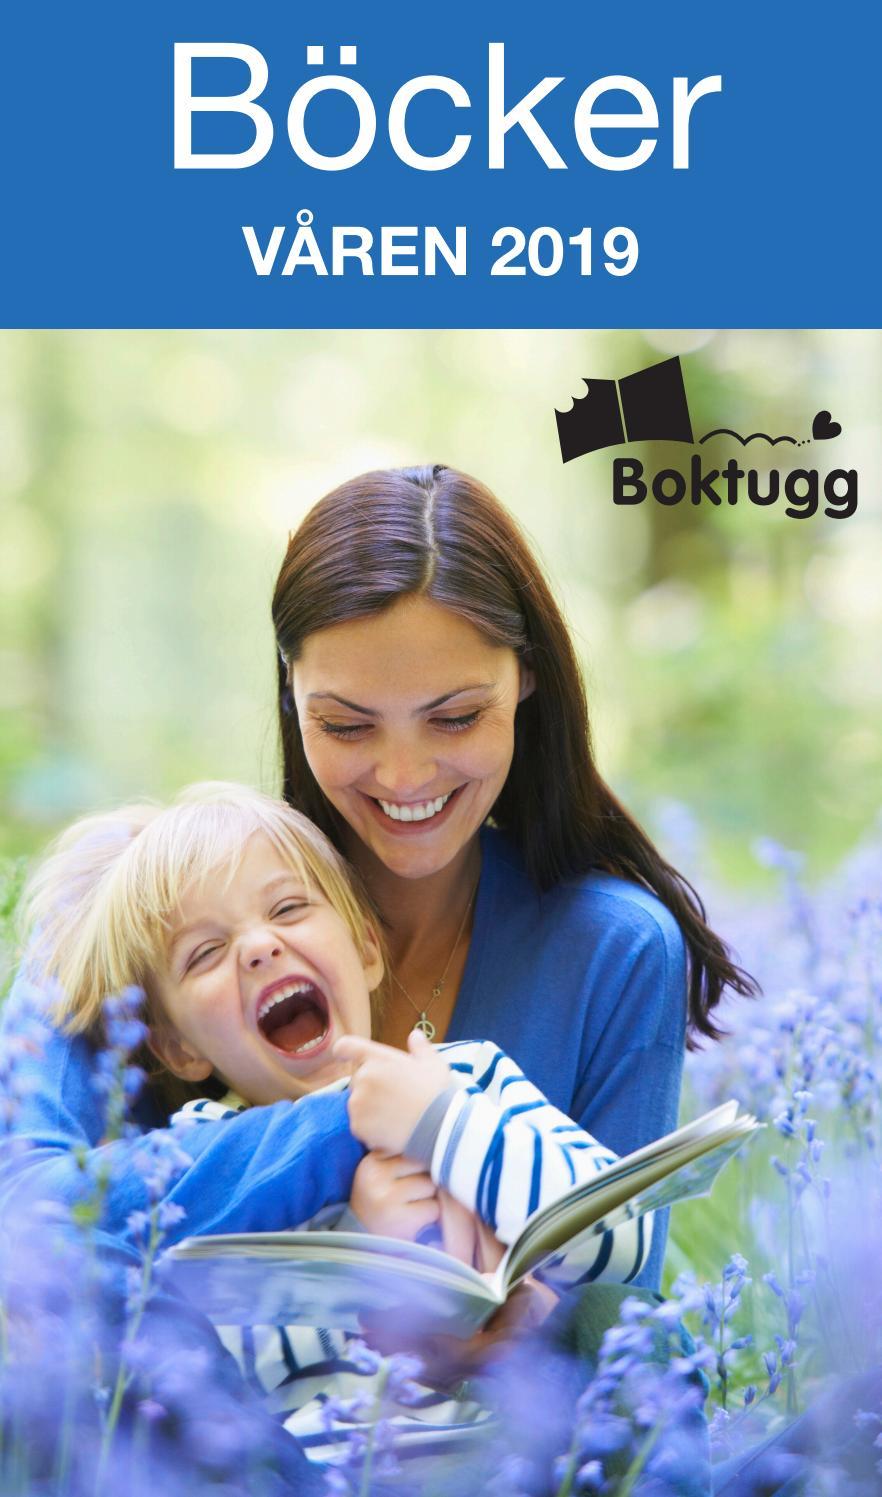 new concept 03bcb 4808f Boktuggs katalog Böcker Våren 2019 by Boktugg - issuu